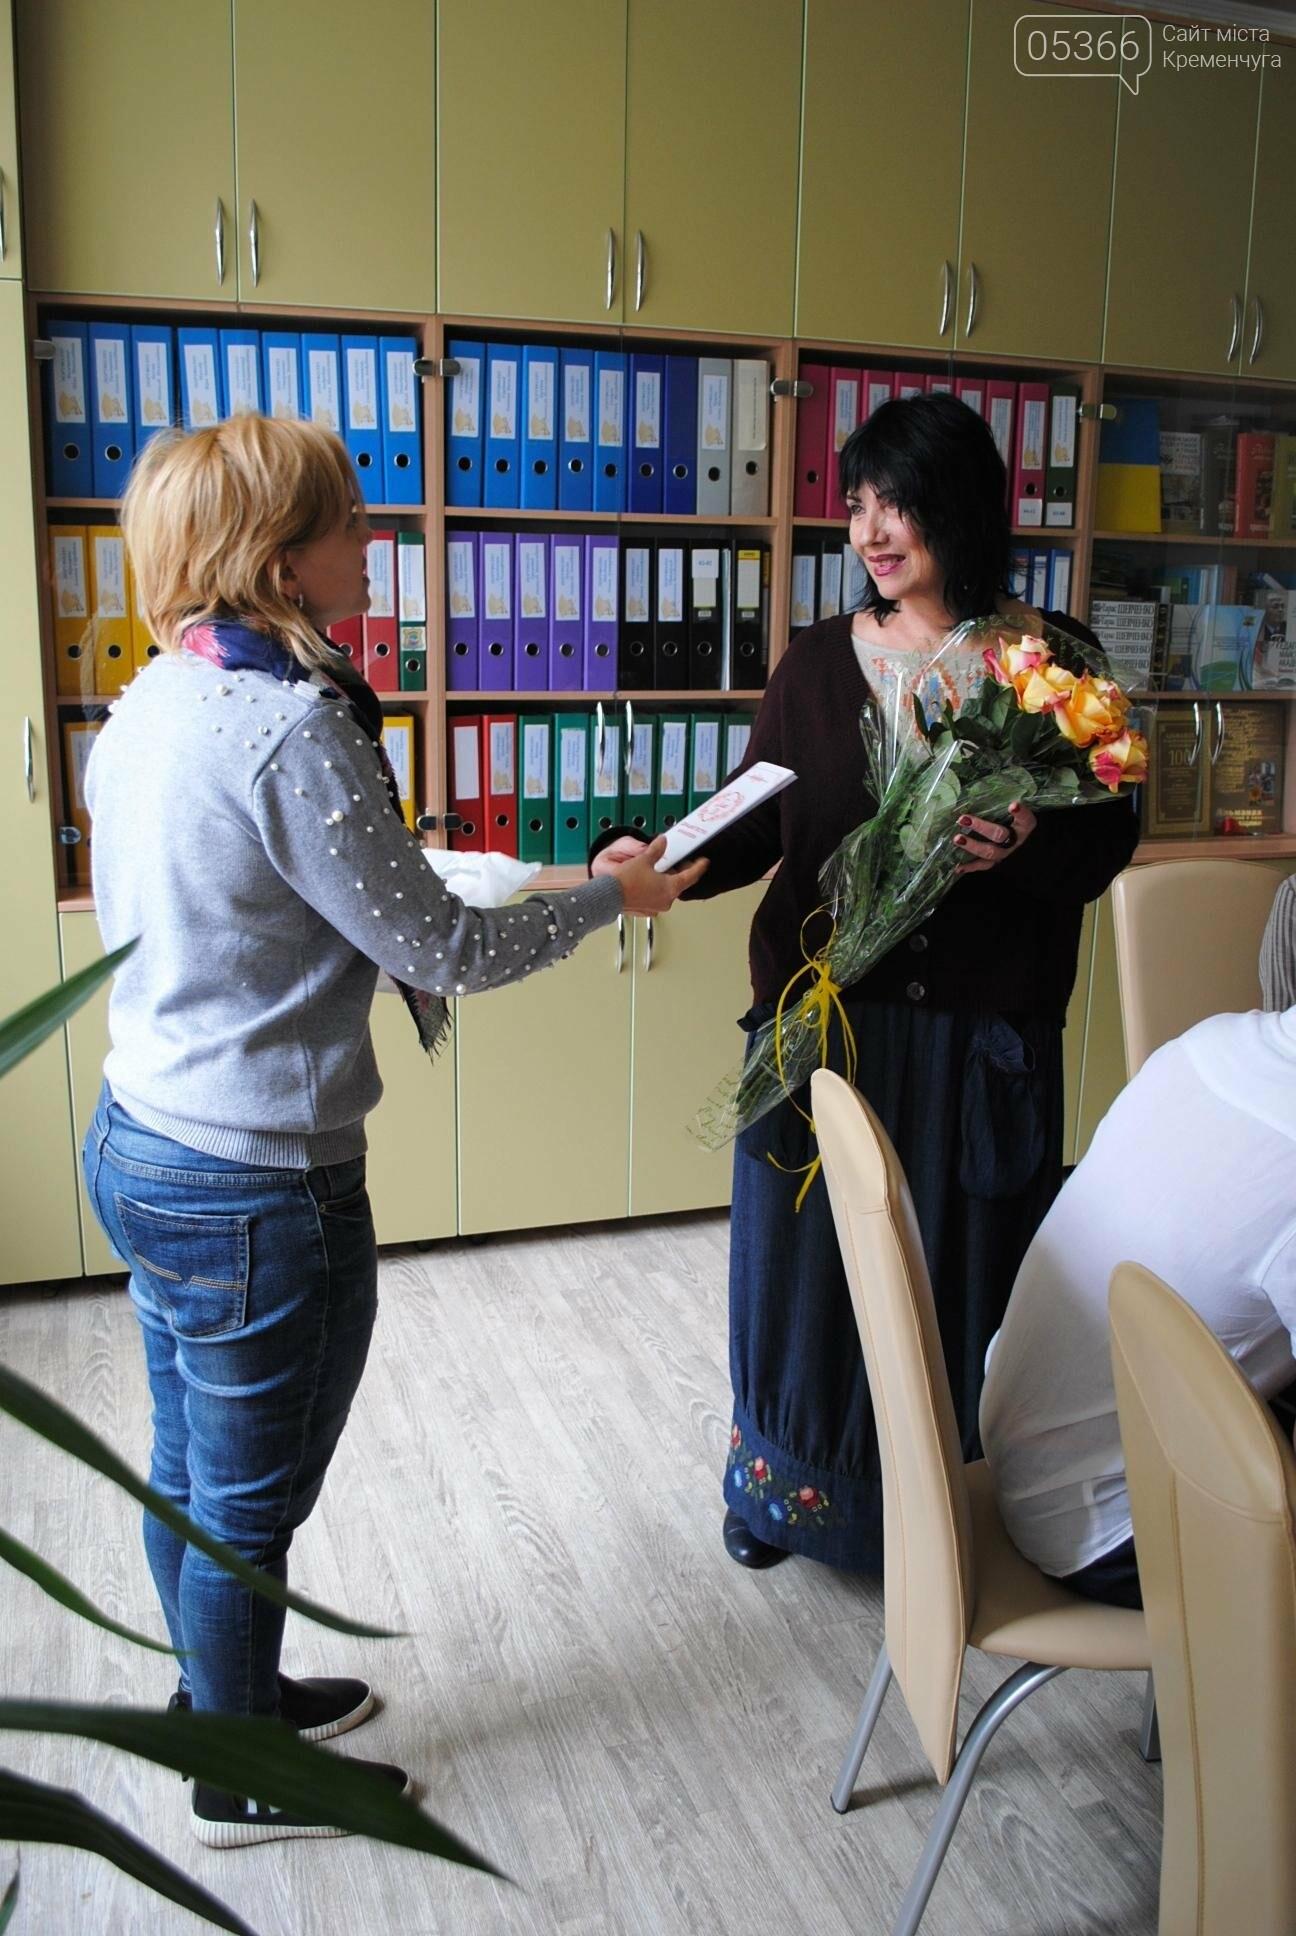 Лучший подарок для учителя - признание и любовь учеников (ФОТО), фото-1